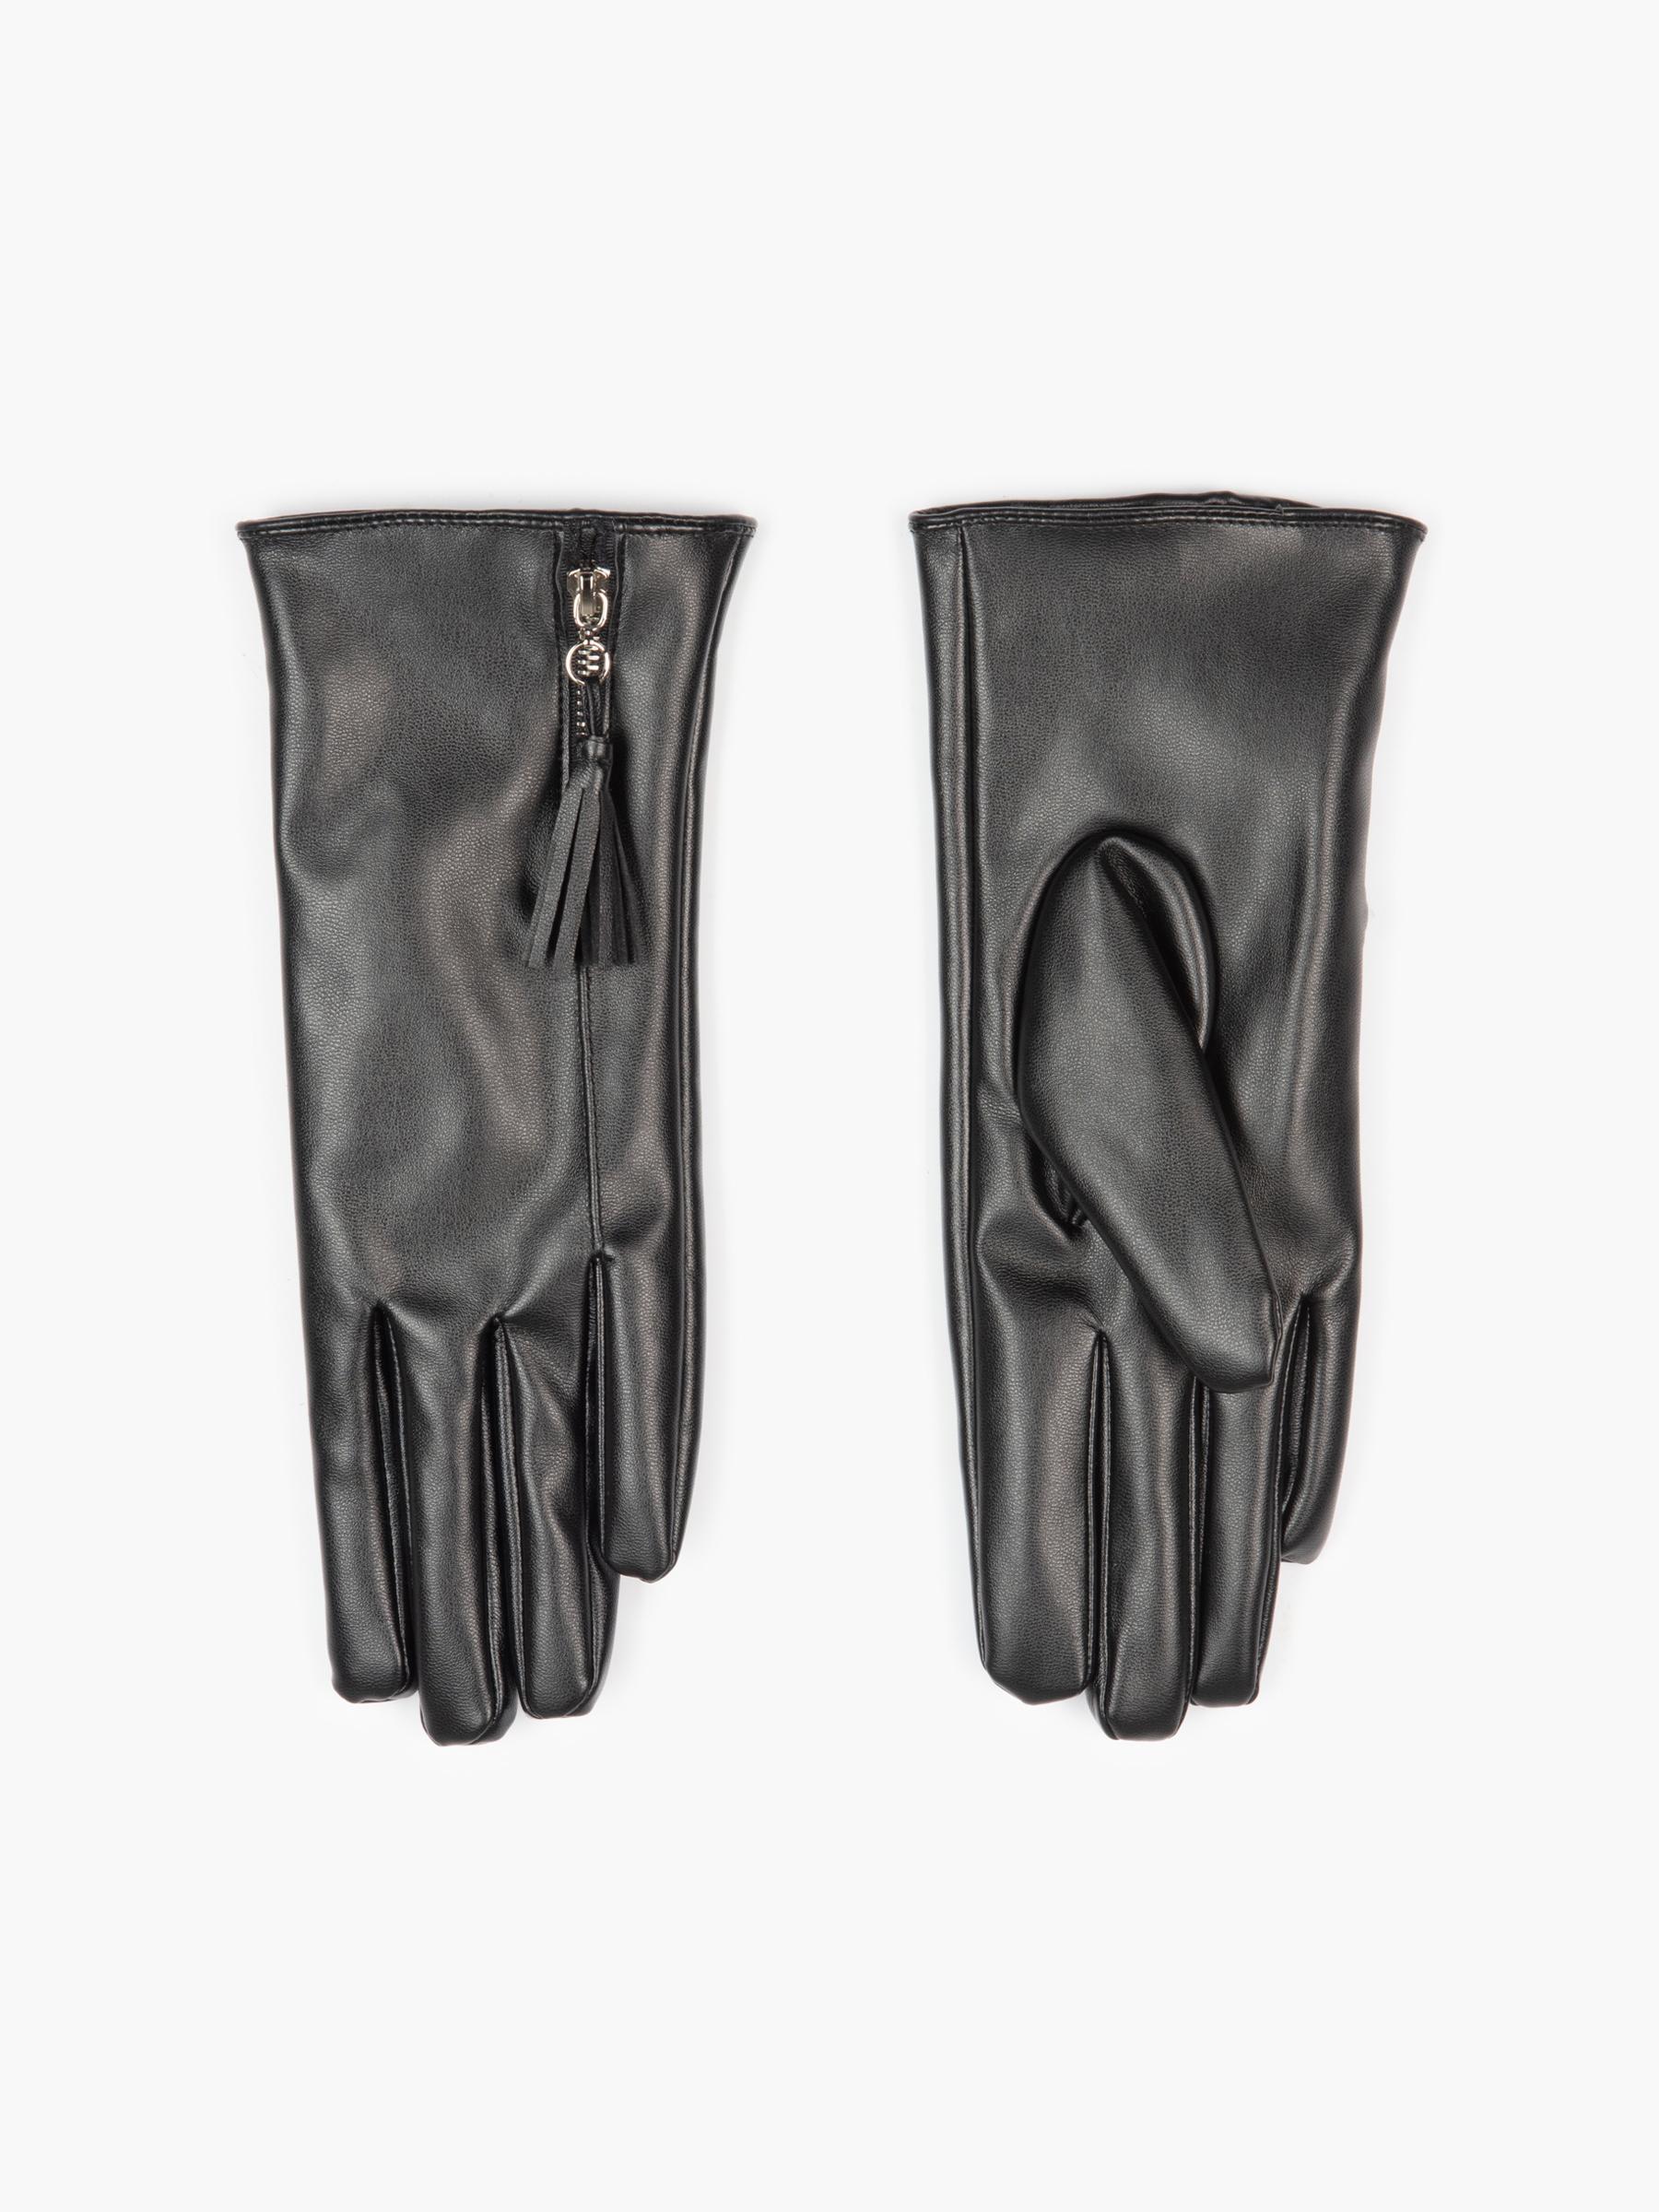 GATE Rukavice z umělé kůže se zipem dámské